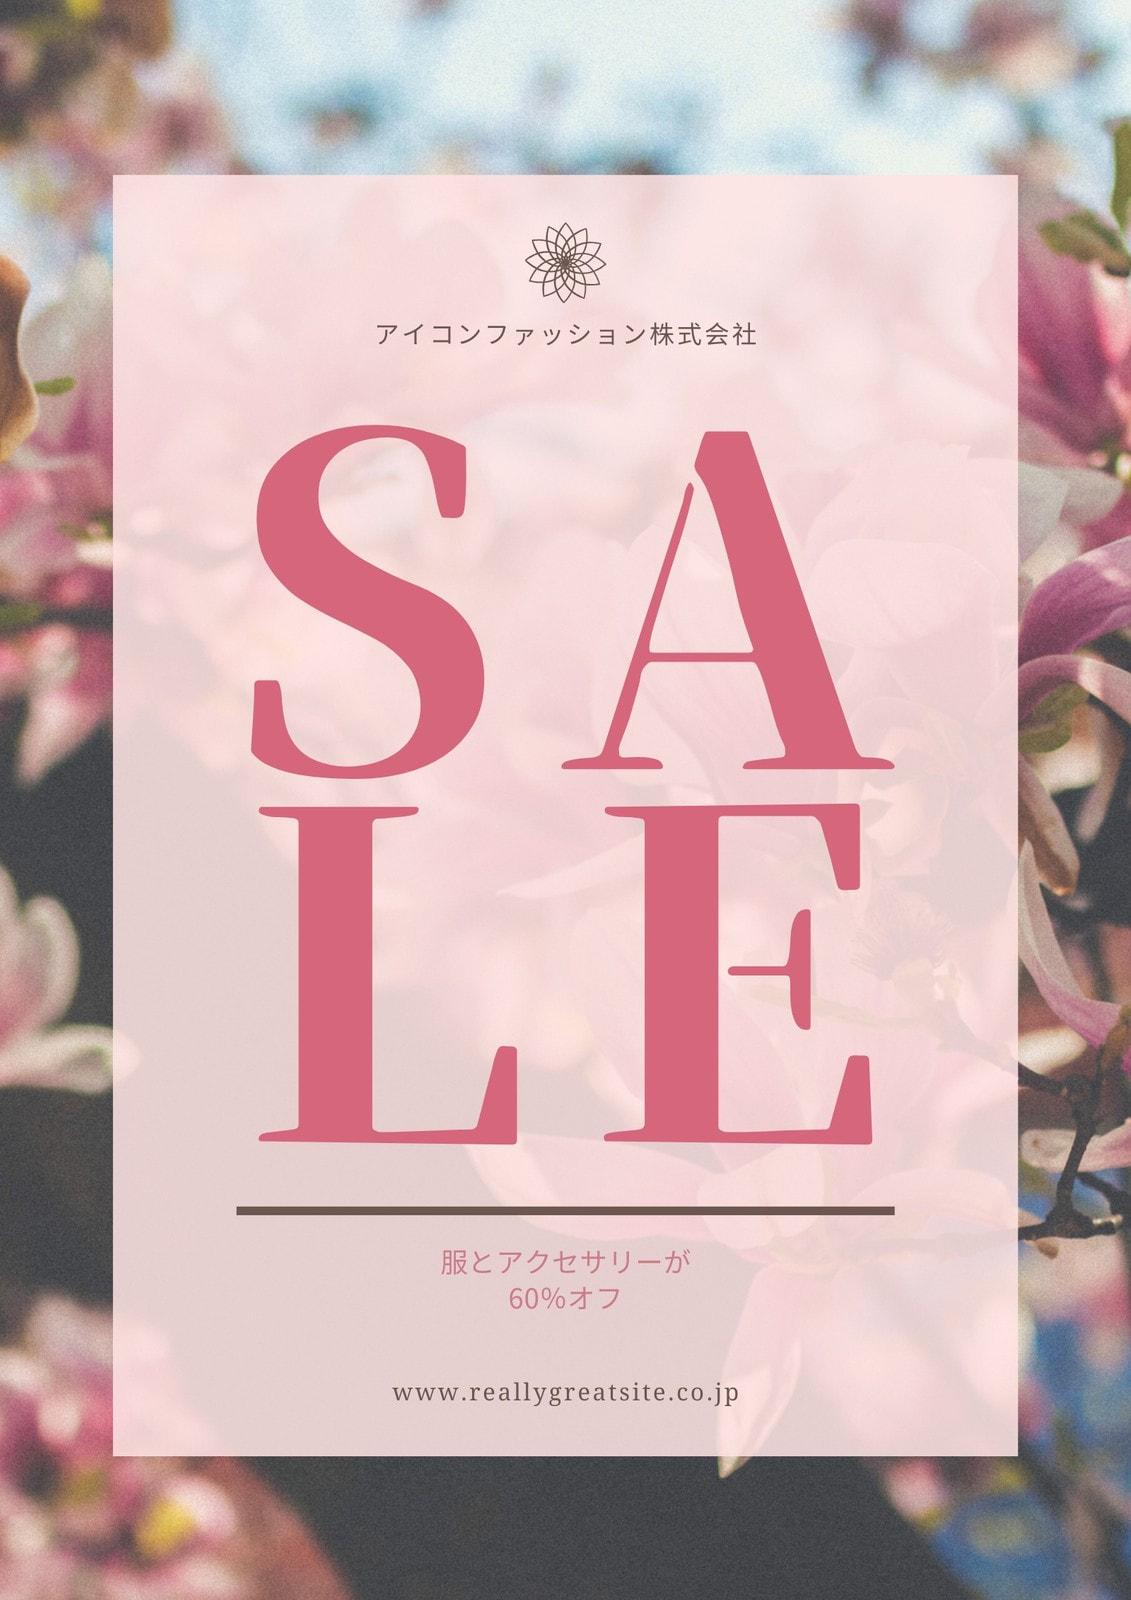 ピンク、写真・背景、セール・小売店、ポスター